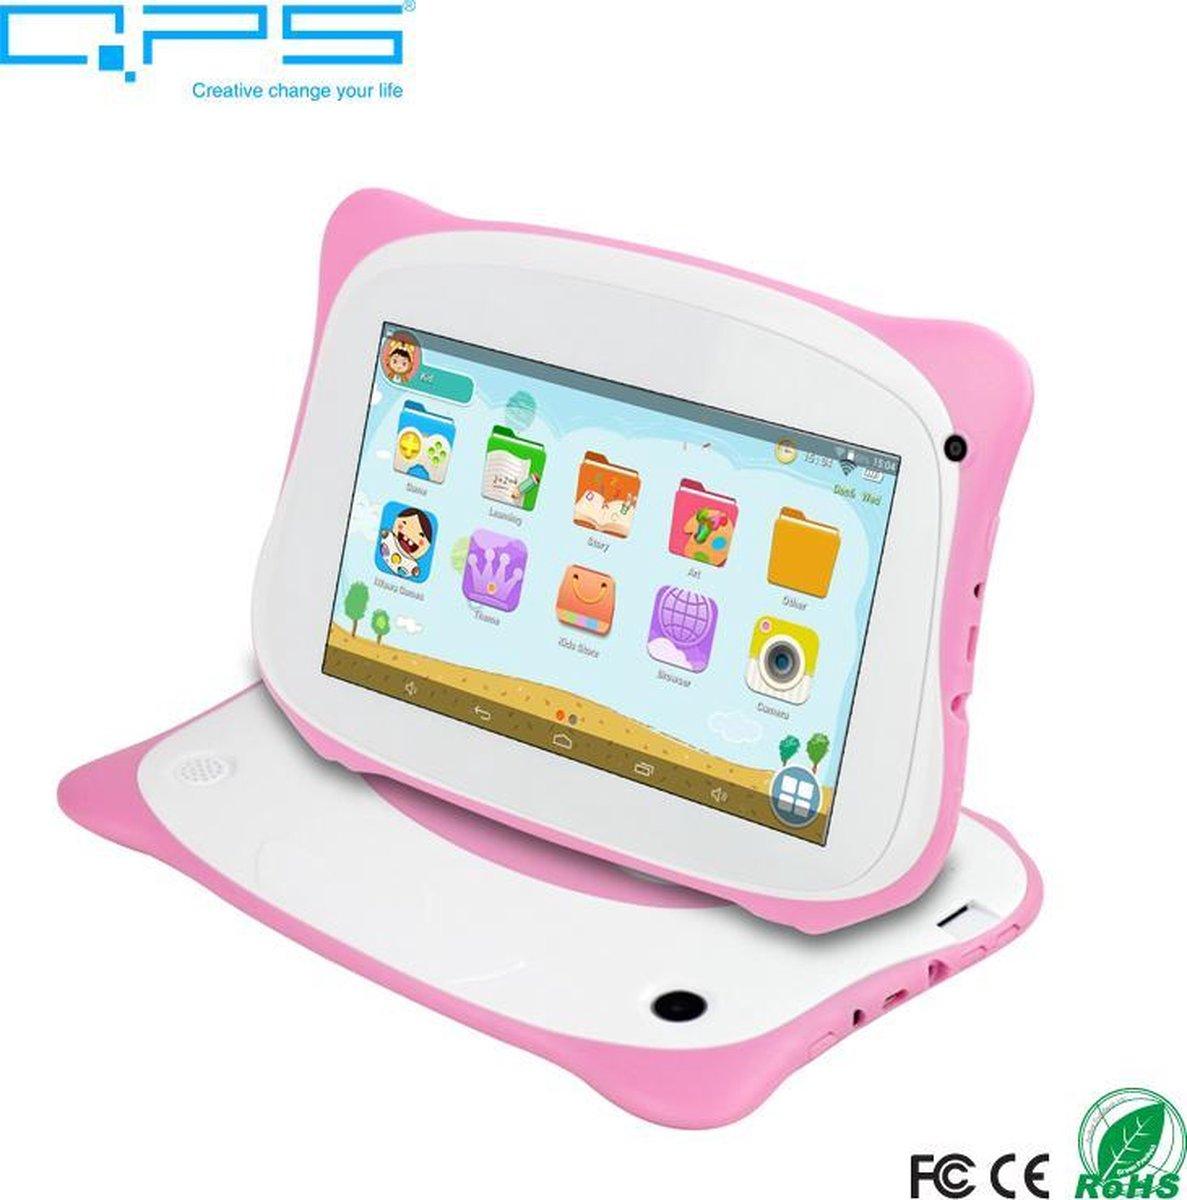 Kindertablet - tablet 7 inch - 16 GB - vanaf 2 jaar - leerzame tablet voor kinderen - Bluetooth - Wifi - spellen - camera - Roze - GRATIS SILICONEN HOESJE